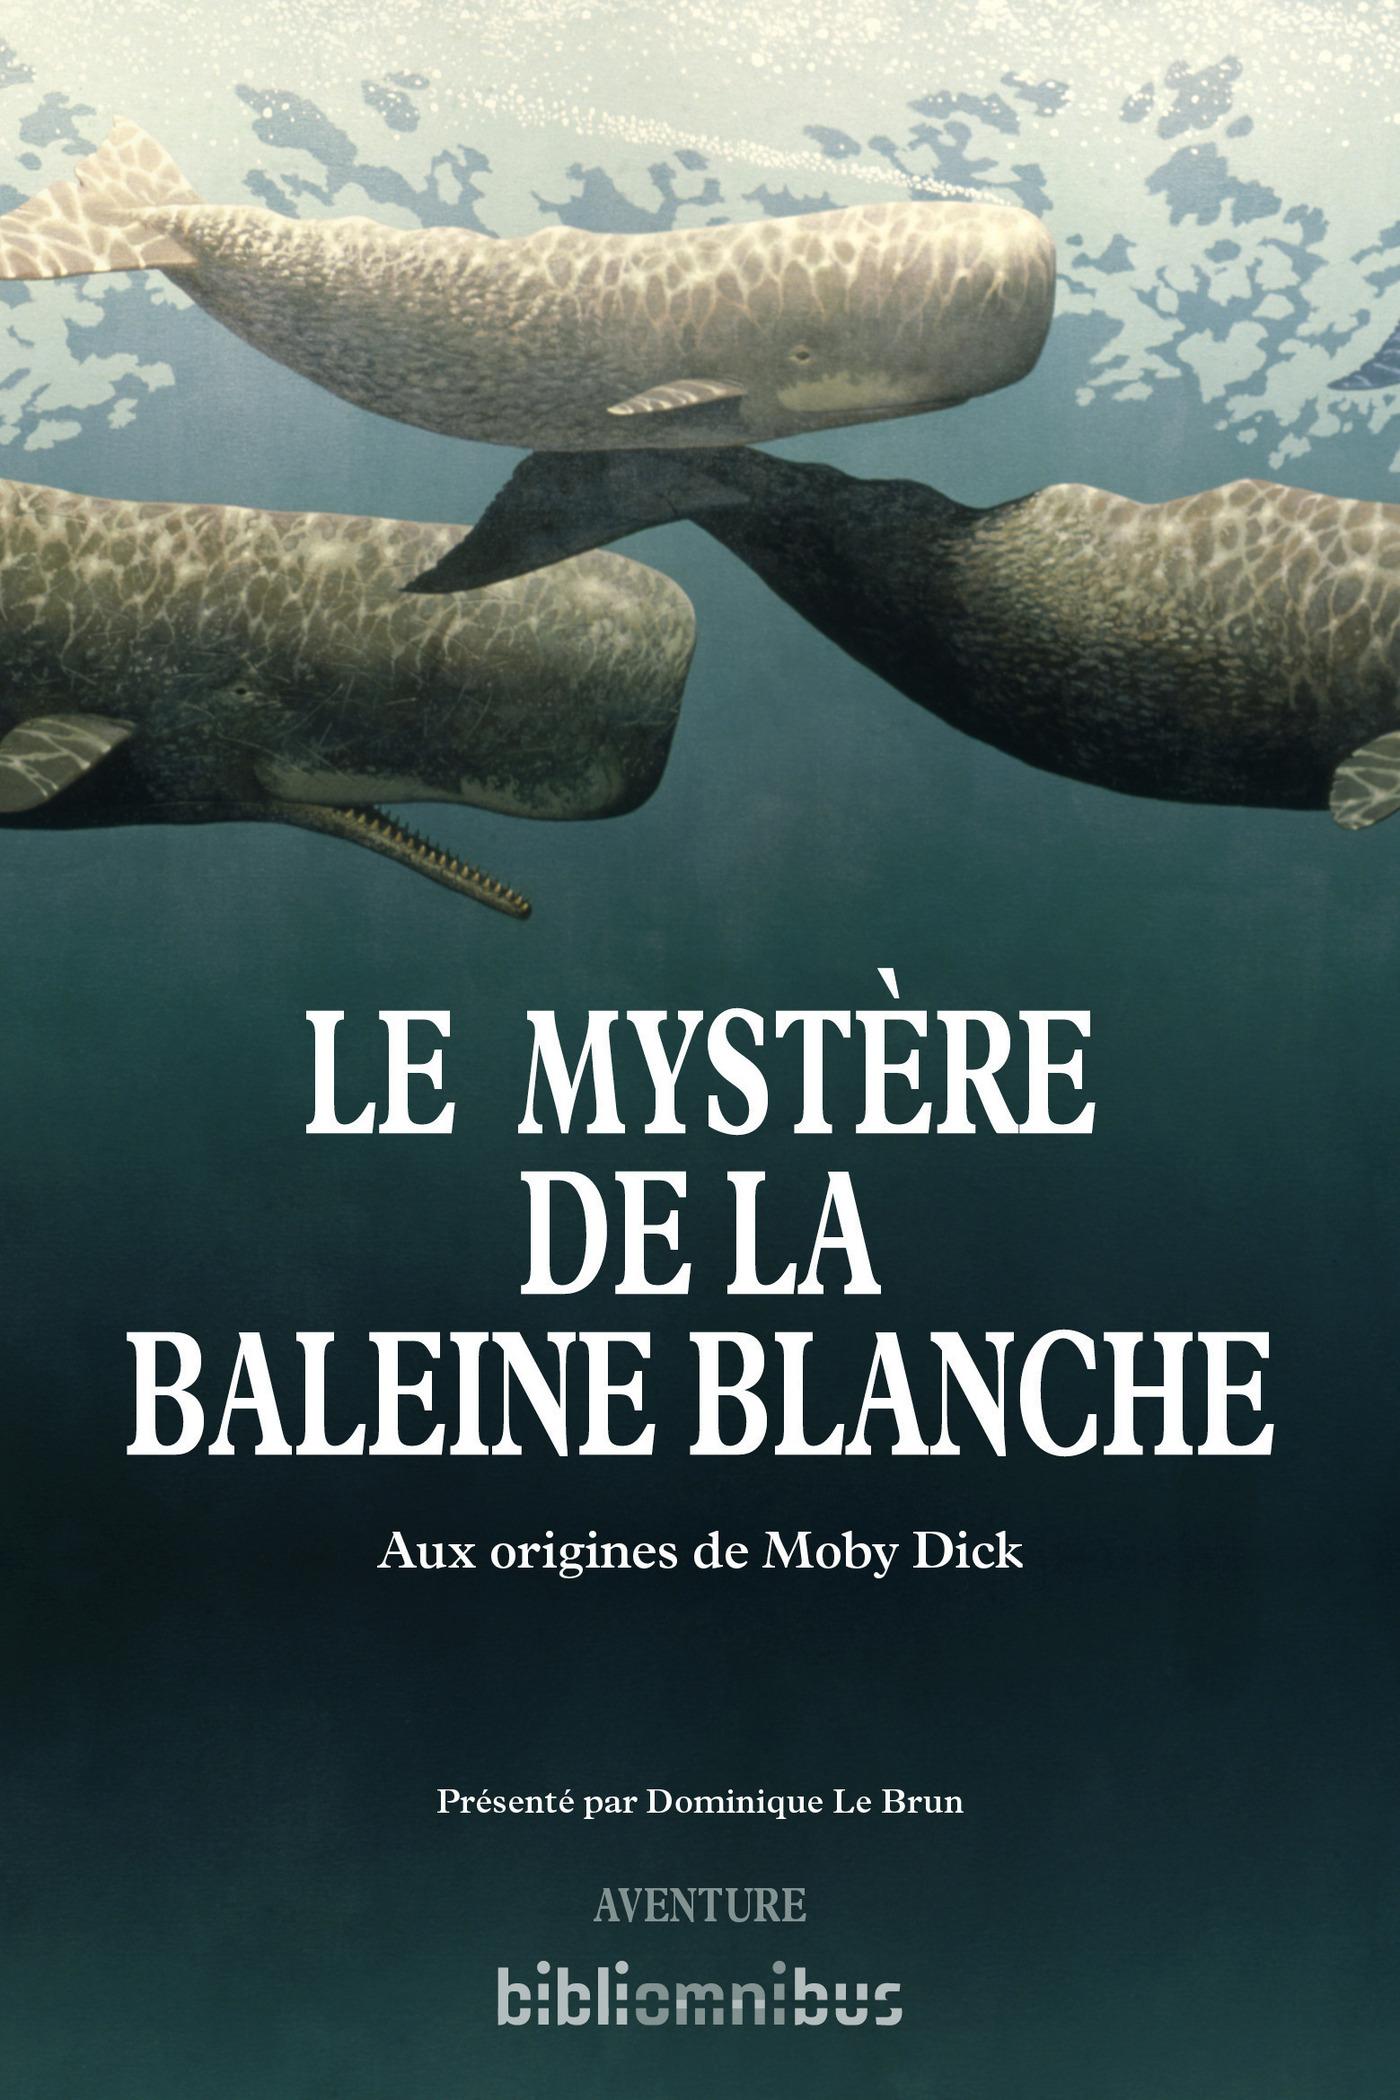 Le mystère de la baleine blanche (ebook)